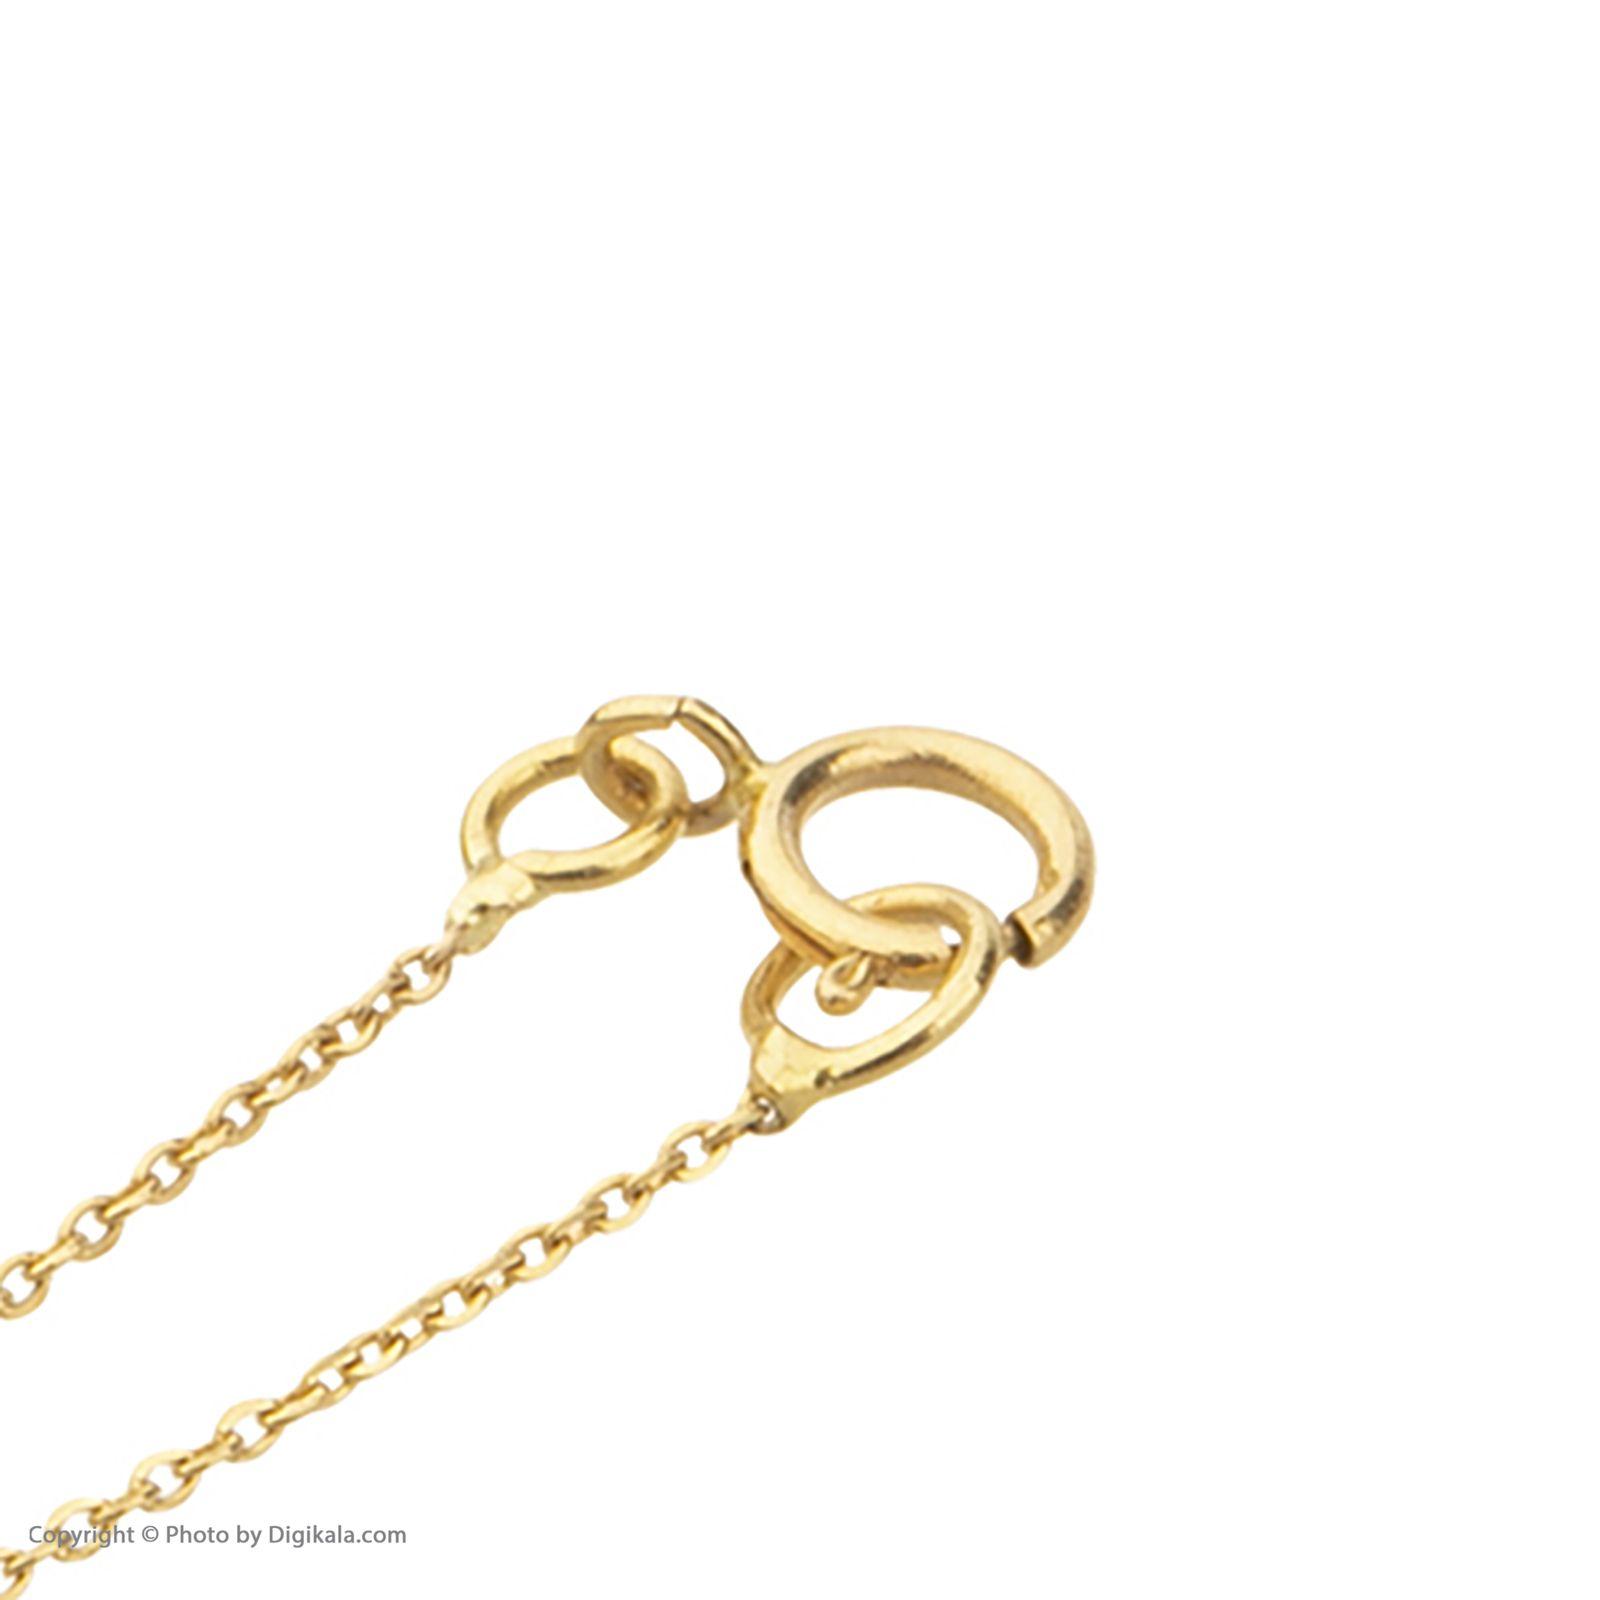 آویز ساعت طلا 18 عیار زنانه میو گلد مدل GD615 -  - 5